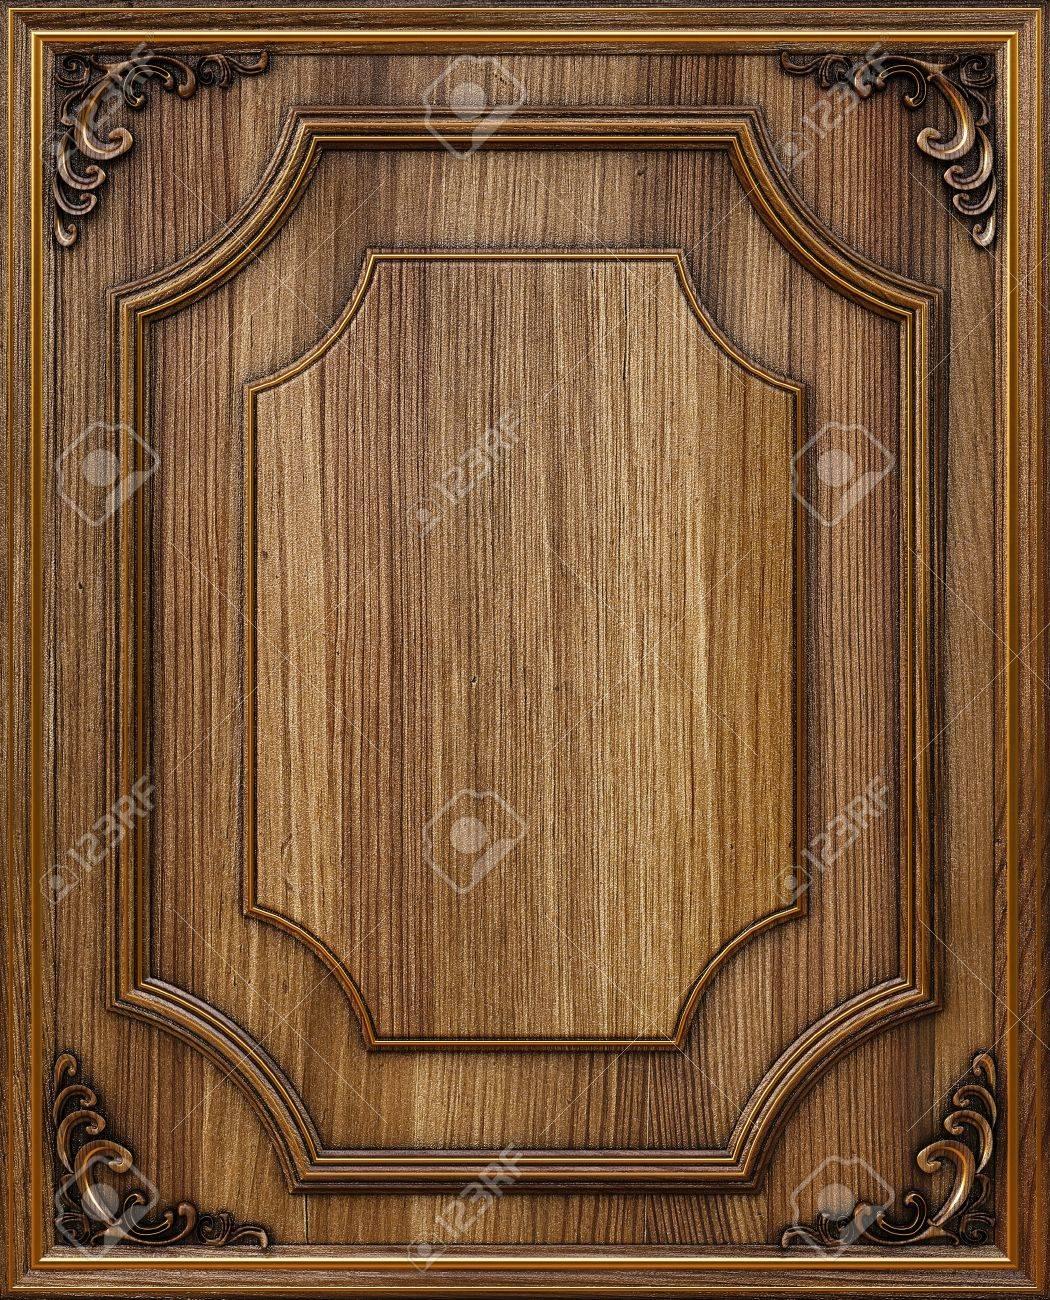 foto de archivo panel de madera decorativo con marcos dorados